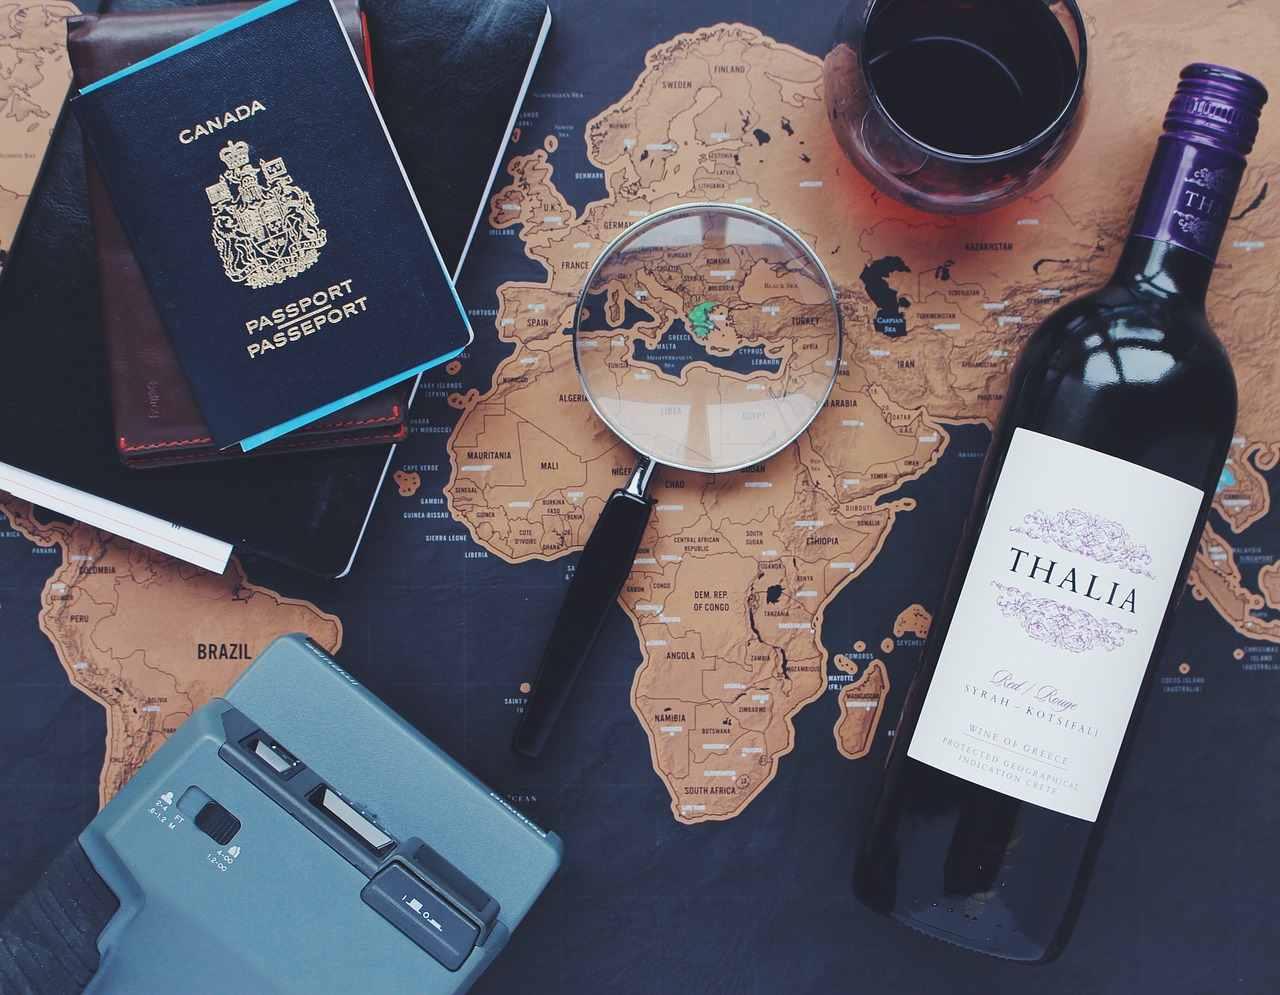 passaporte, garrafa de vinho, lupa e o mapa para tirar a próxima viagem do papel